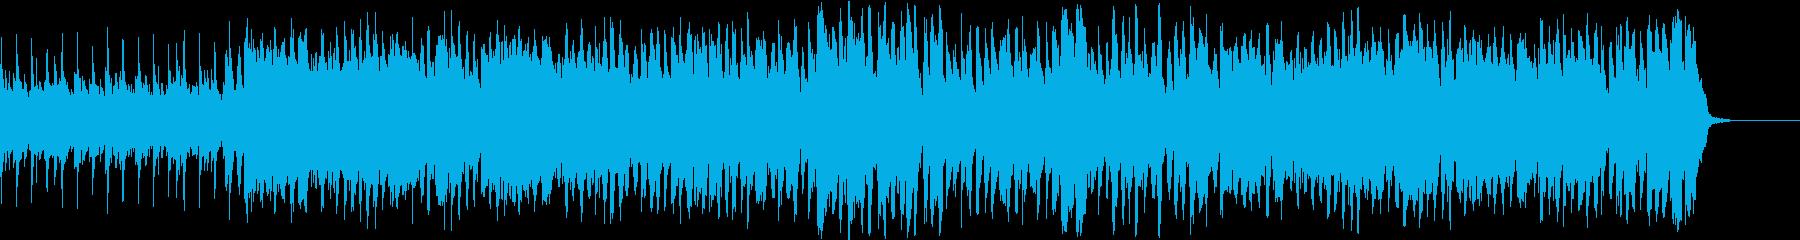 【60秒】カントリー&ウェスタンの楽曲の再生済みの波形